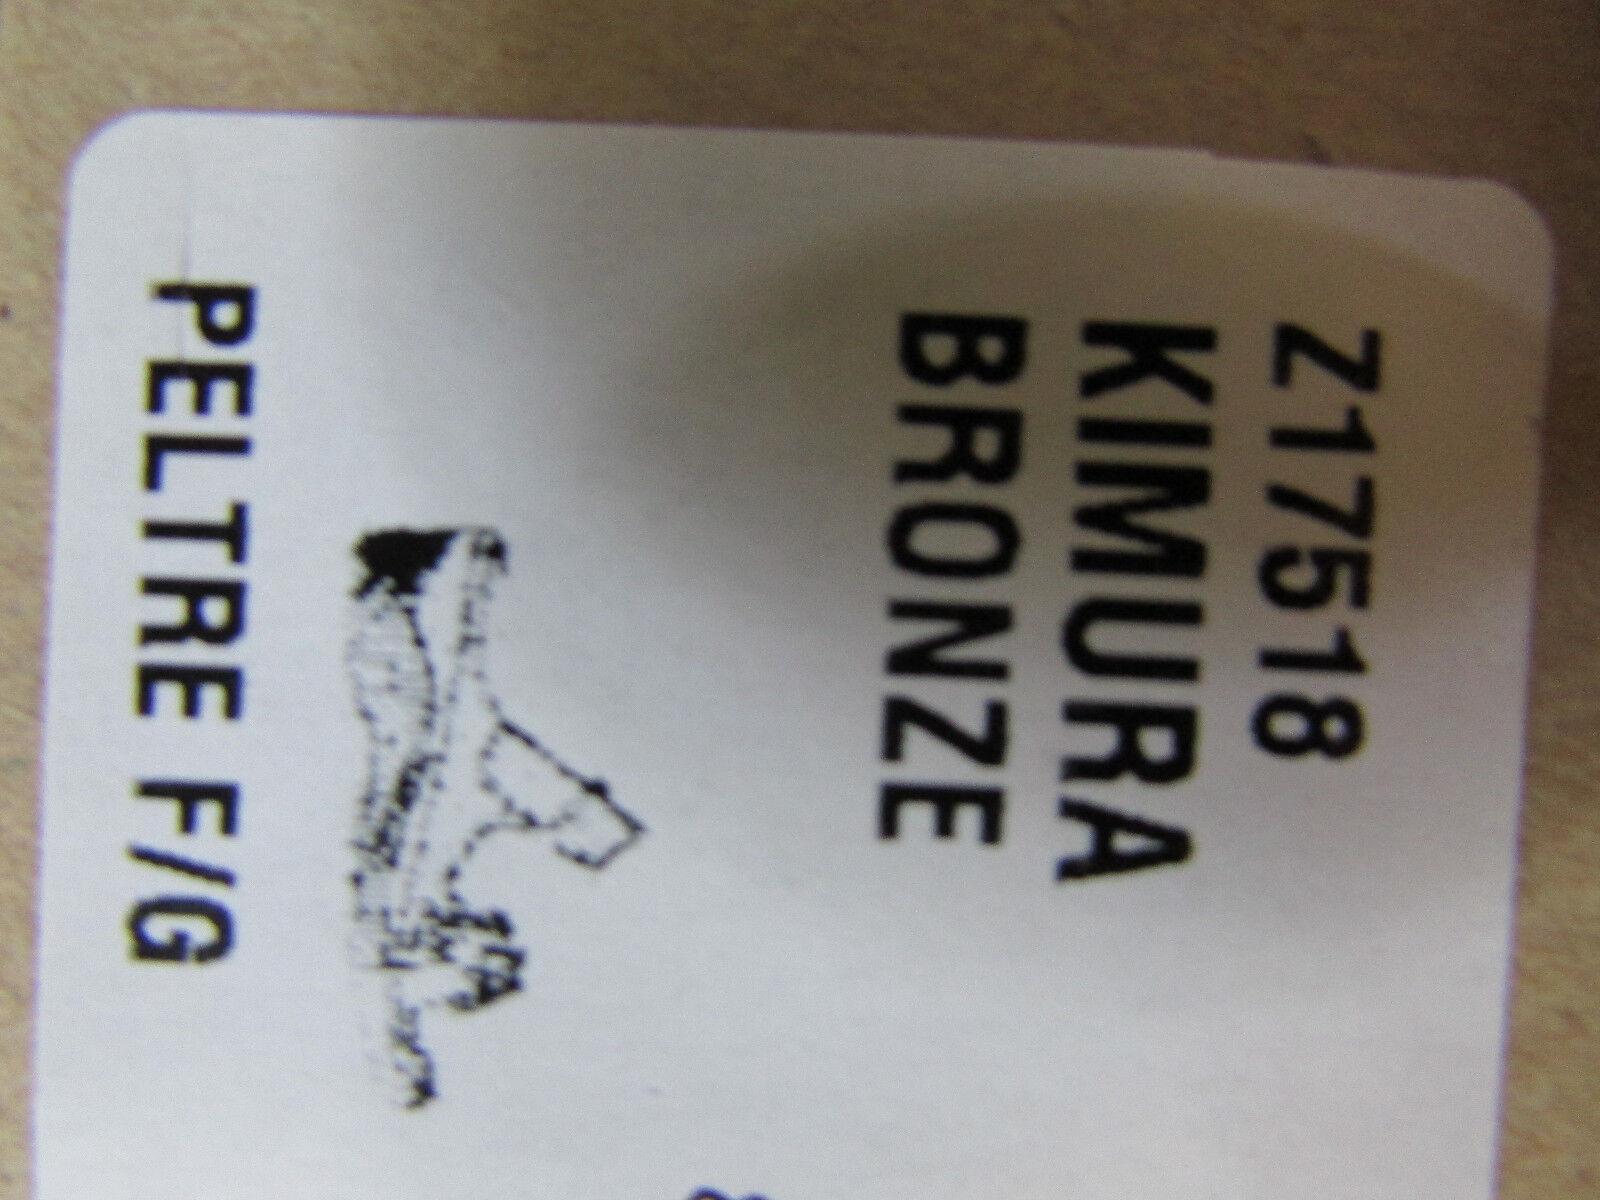 NEW B.O.C KIMURA BRONZE SANDALS Damenschuhe 8 SHIP SLIDES COMFORT SOLES FREE SHIP 8 d8d01c